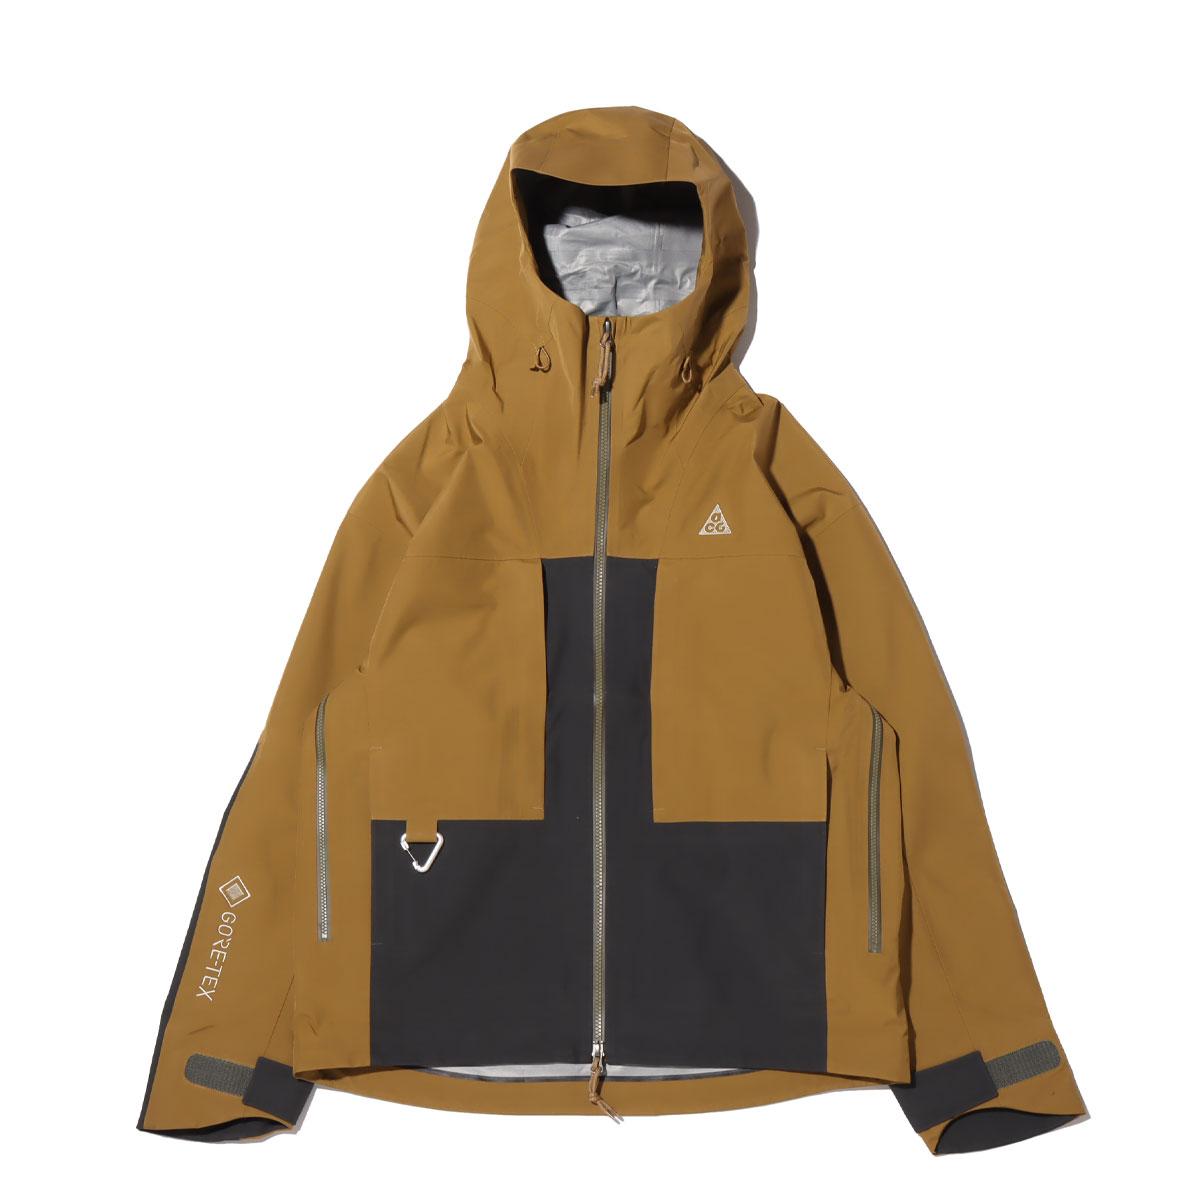 メンズファッション, コート・ジャケット NIKE AS M NRG ACG MISERY RDGE GORE( NRG ACG )GOLDEN BEIGEANTHRACITEBLACK 21SP-I atp21ssl